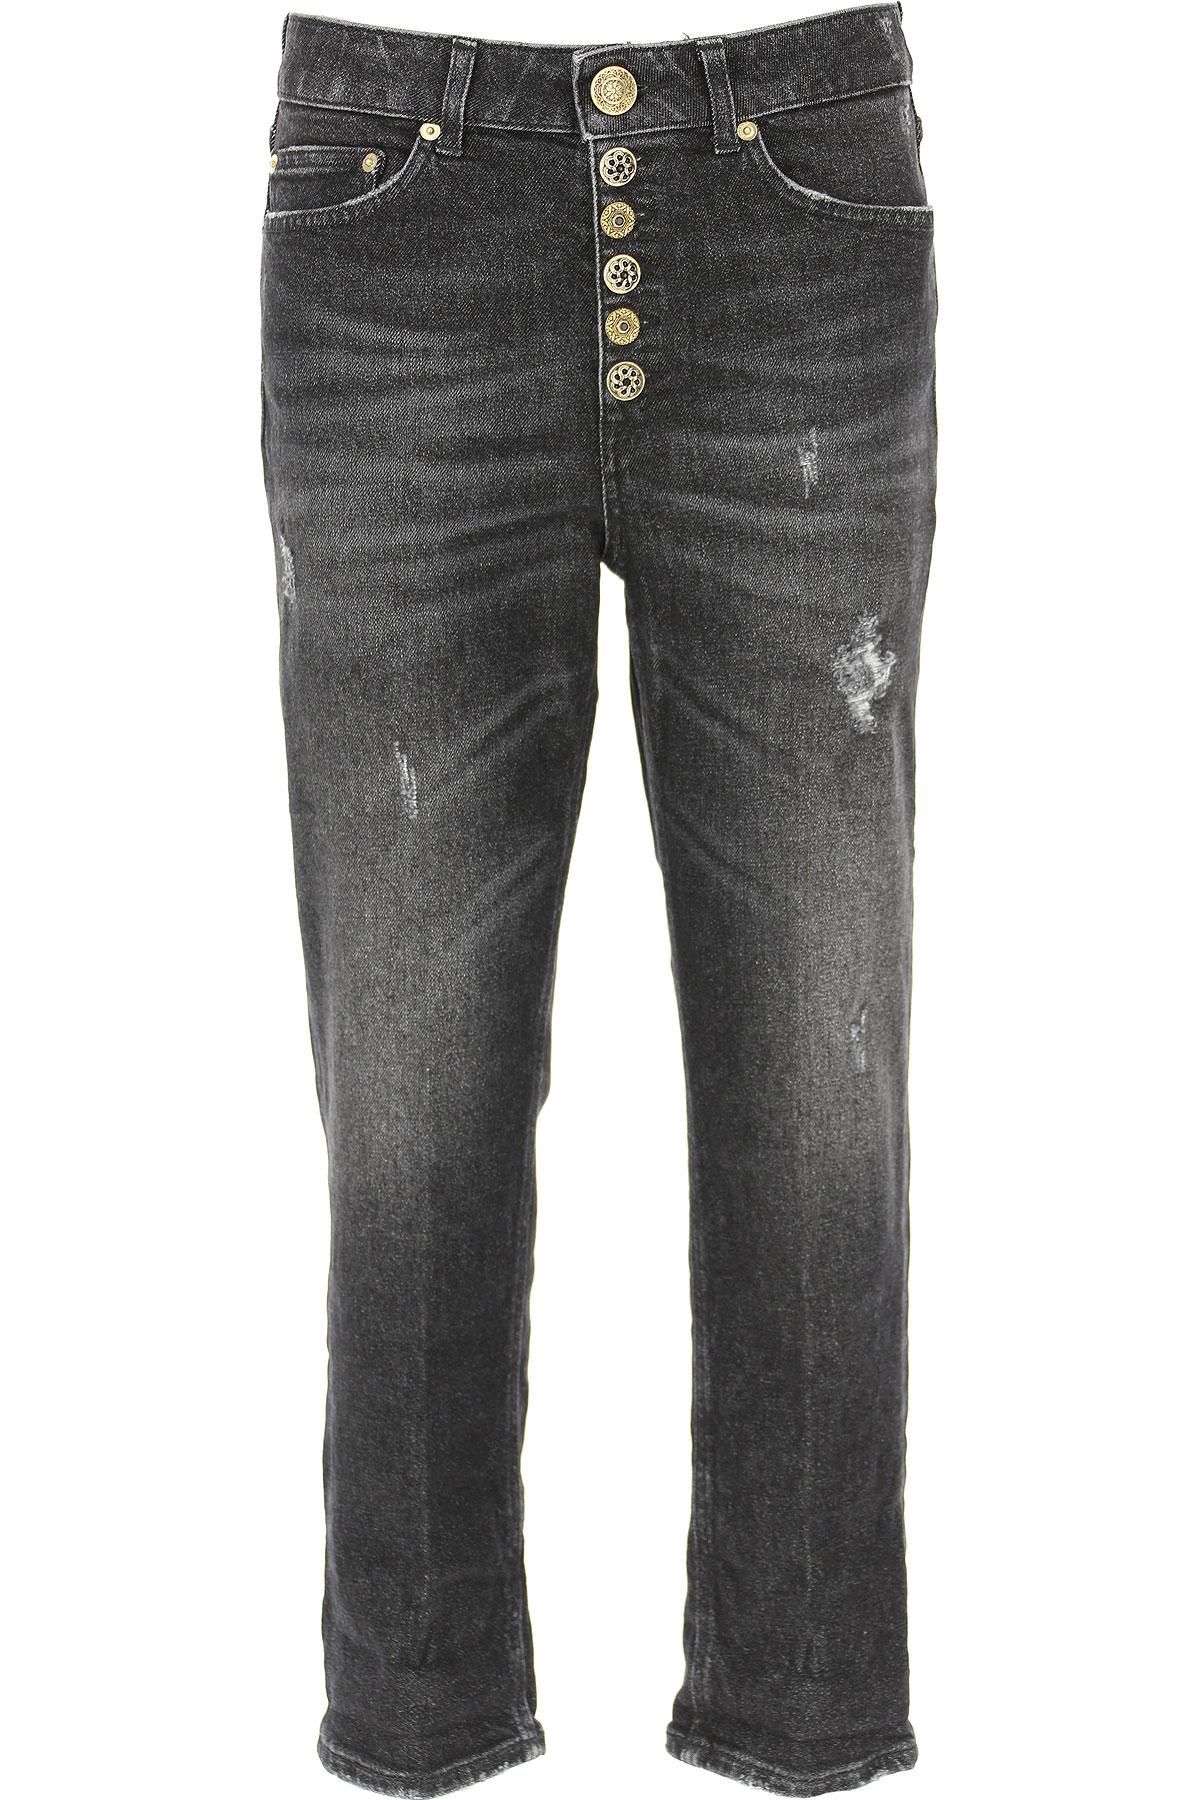 Dondup Jeans, Black, Cotton, 2019, 24 26